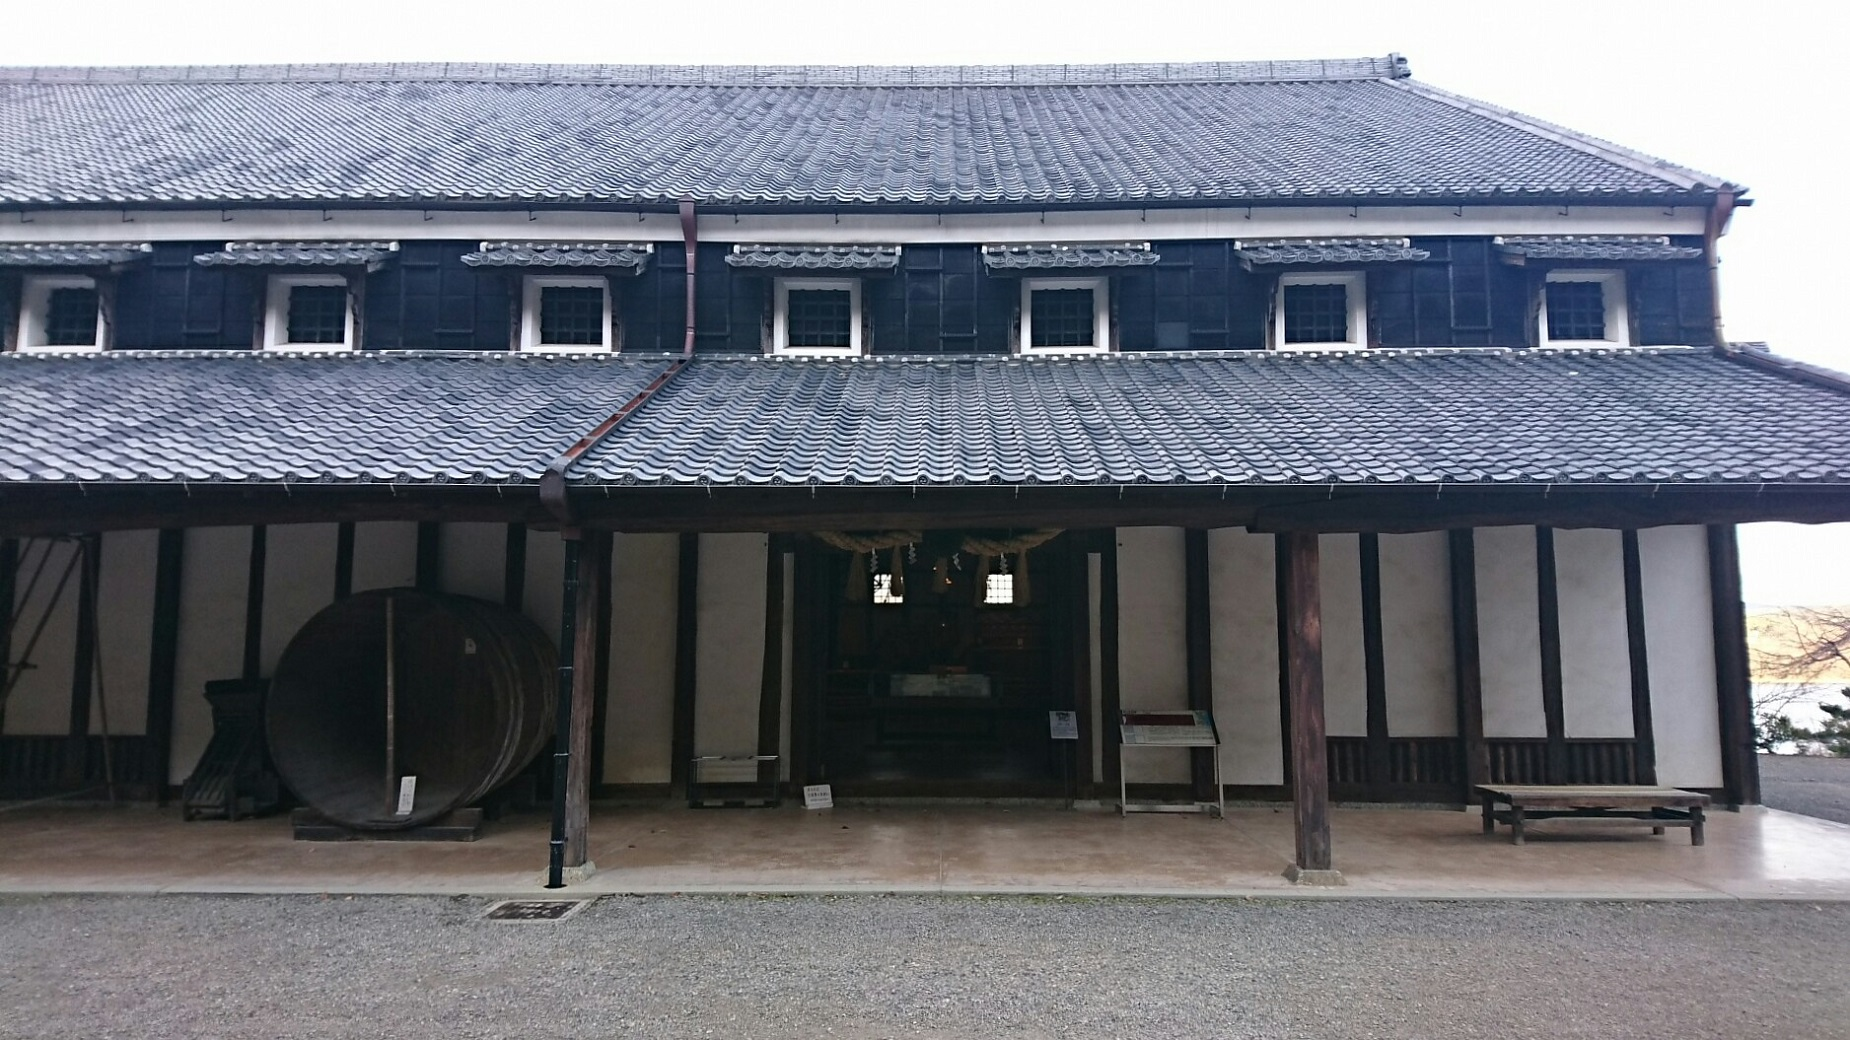 2017.12.28 明治村 (25) 菊の世酒蔵 1850-1040